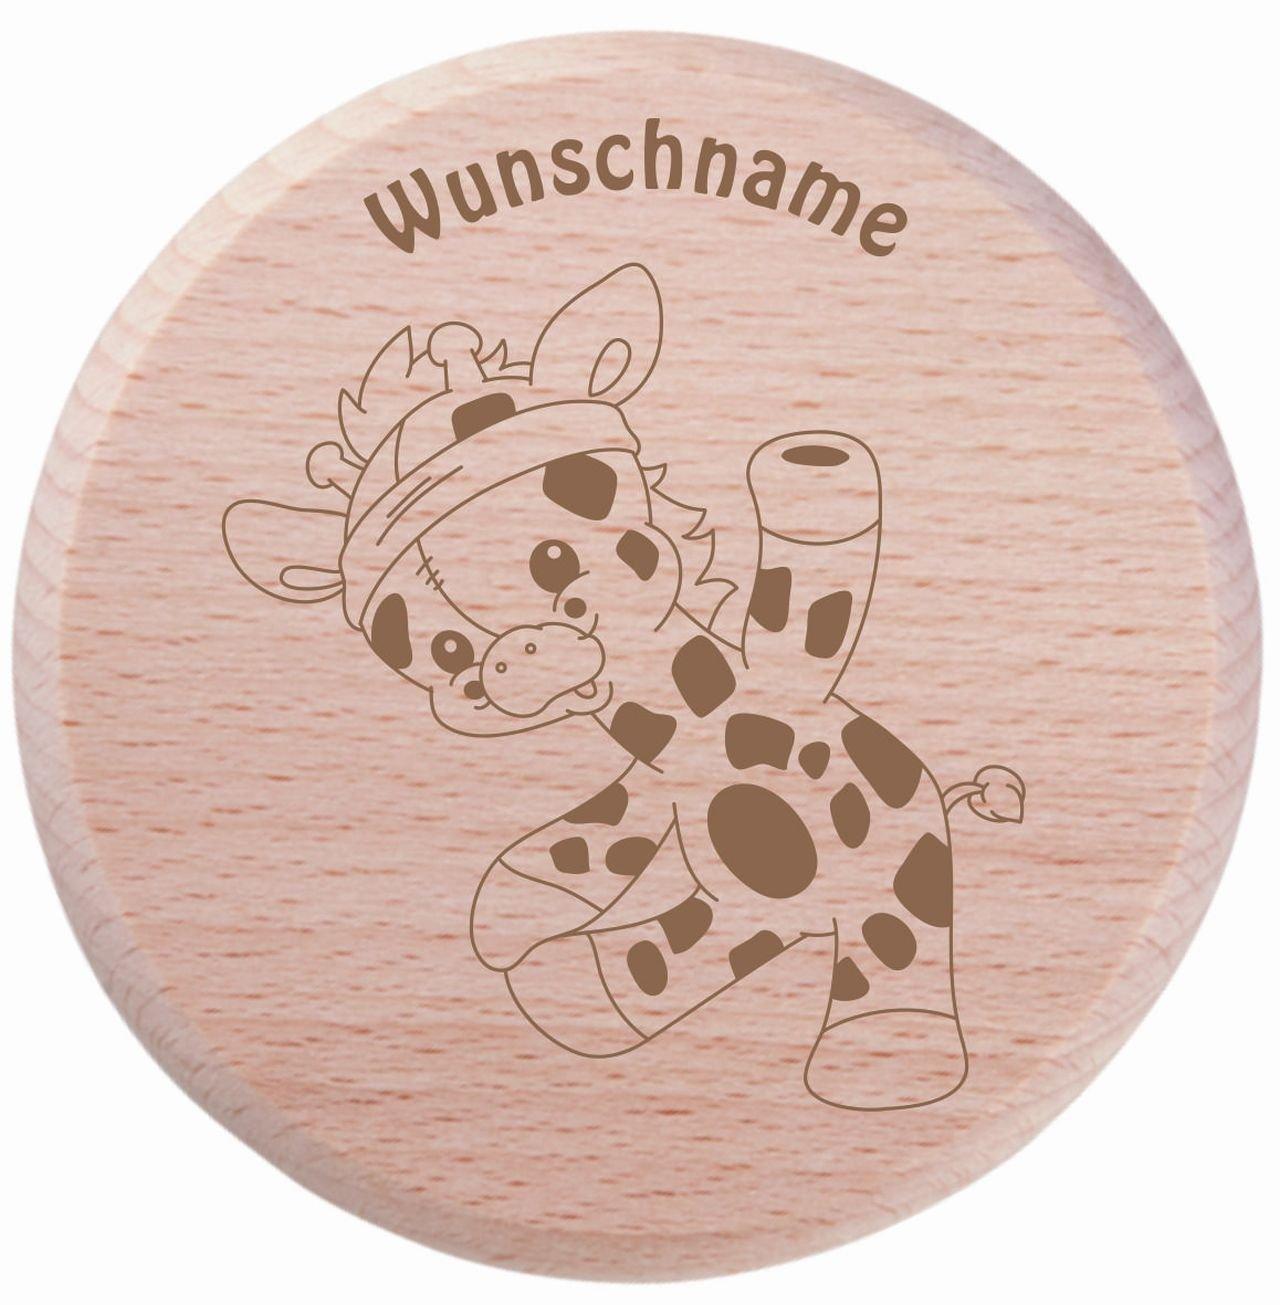 Farbklecks Collection - Trinkglas Deckel - Giraffe Motiv 9 - personalisierbar mit Namensgravur - Schutzdeckel - Glasdeckel - Insektendeckel - Insektenschutzdeckel - Glasabdeckung